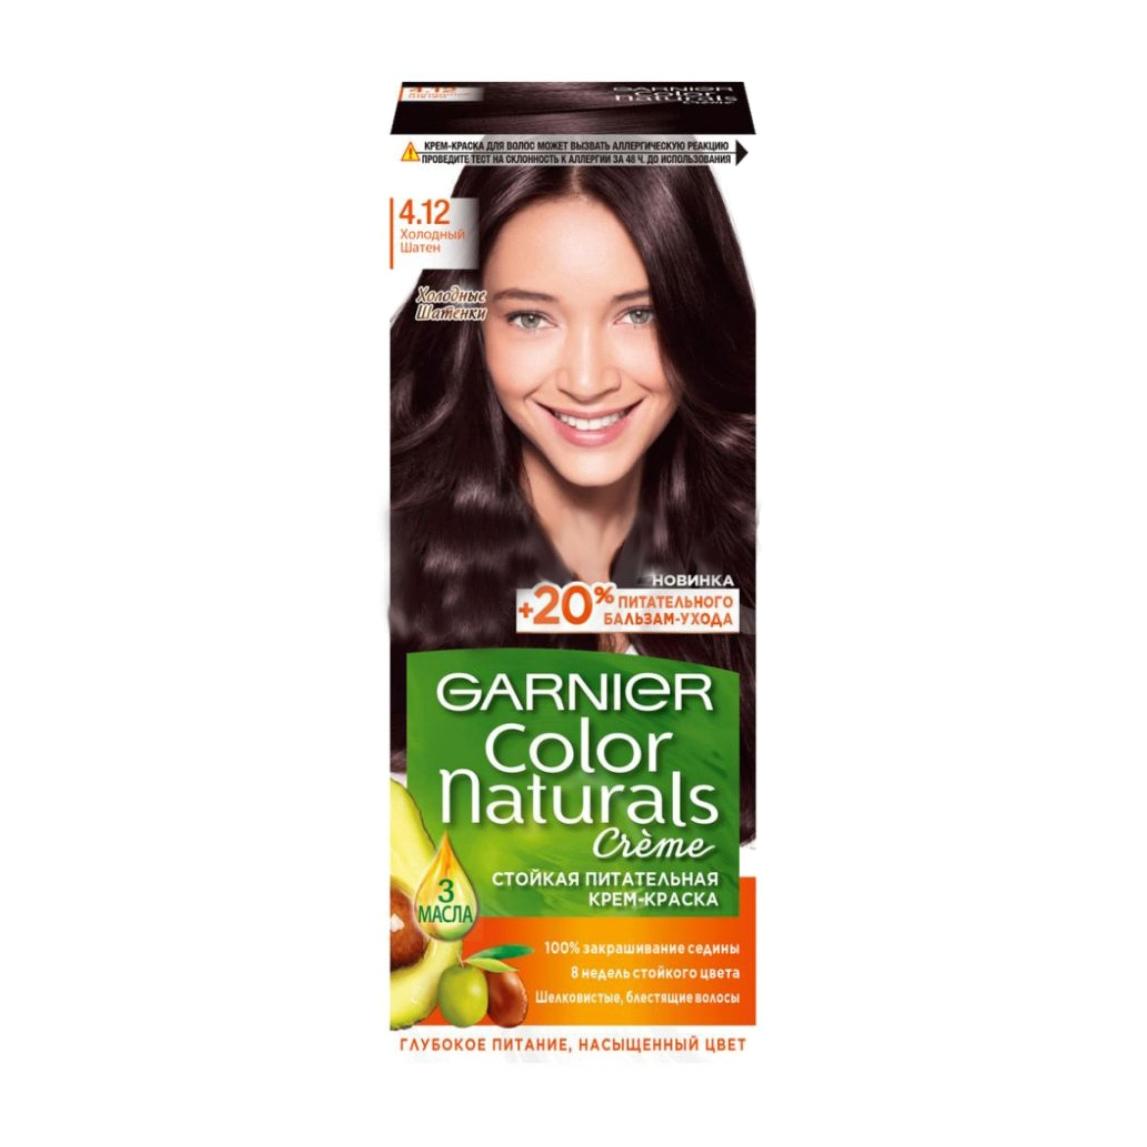 Стойкая крем-краска Garnier Color Naturals с 3 маслами 4.12 Холодный Шатен (C6411600) недорого